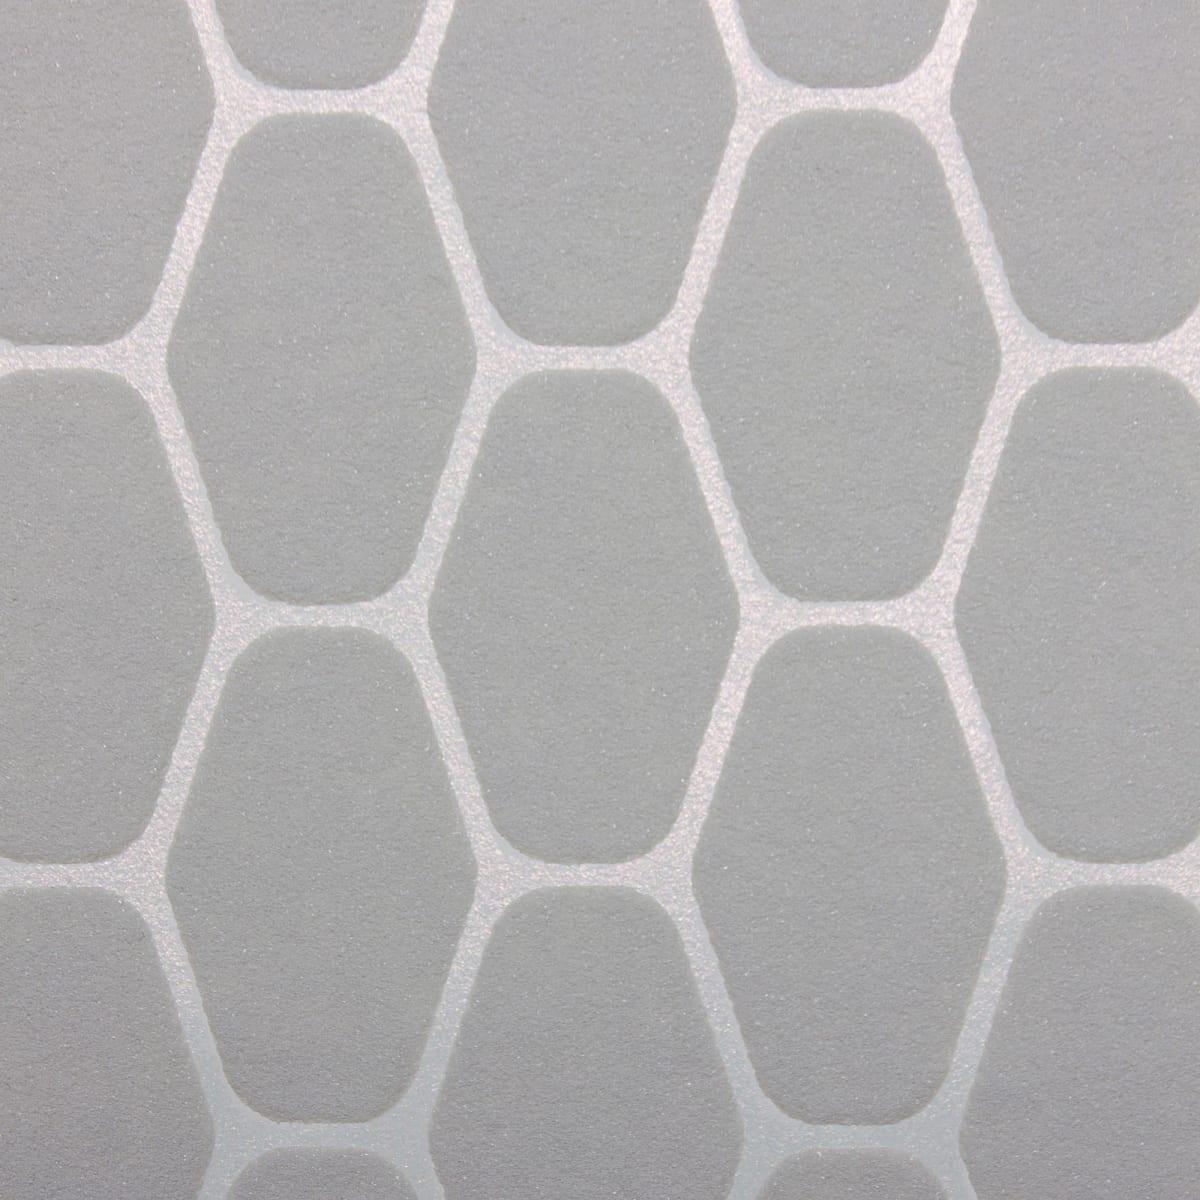 Обои Соты фон №psh_00001812, коллекция Геометрия, купить в ... | 1200x1200